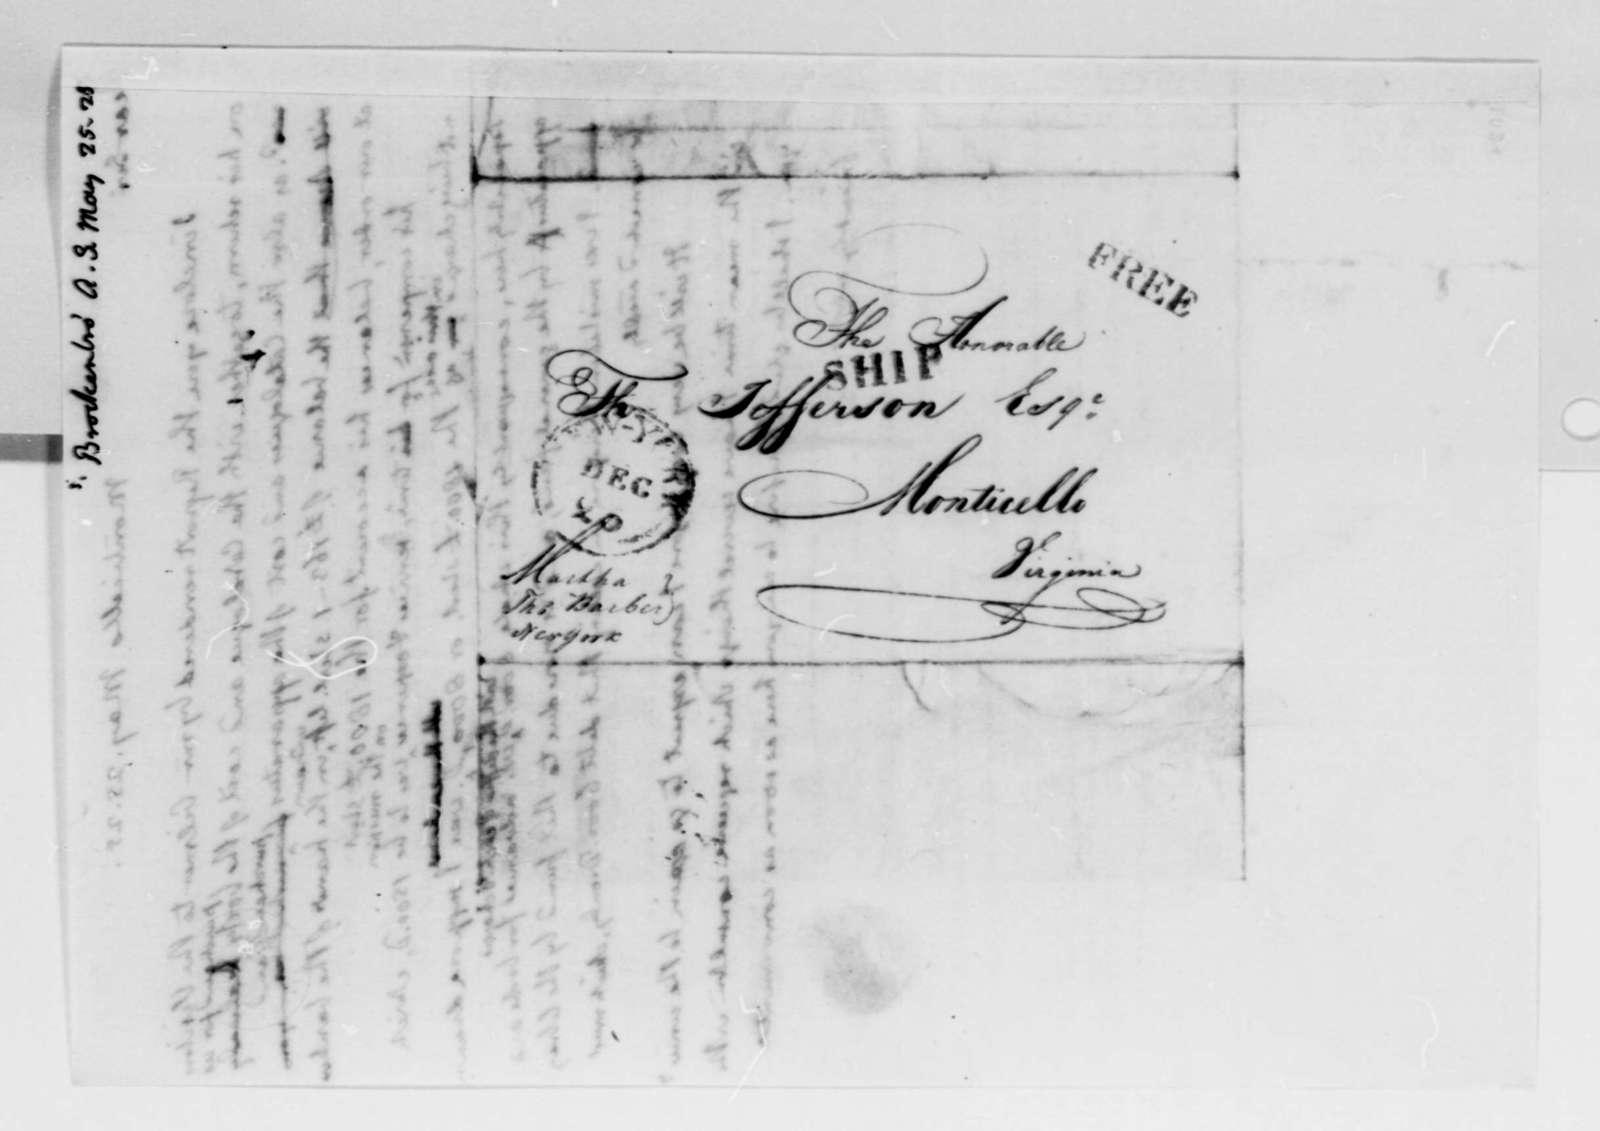 Thomas Jefferson to Arthur S. Brockenbrough, May 25, 1825